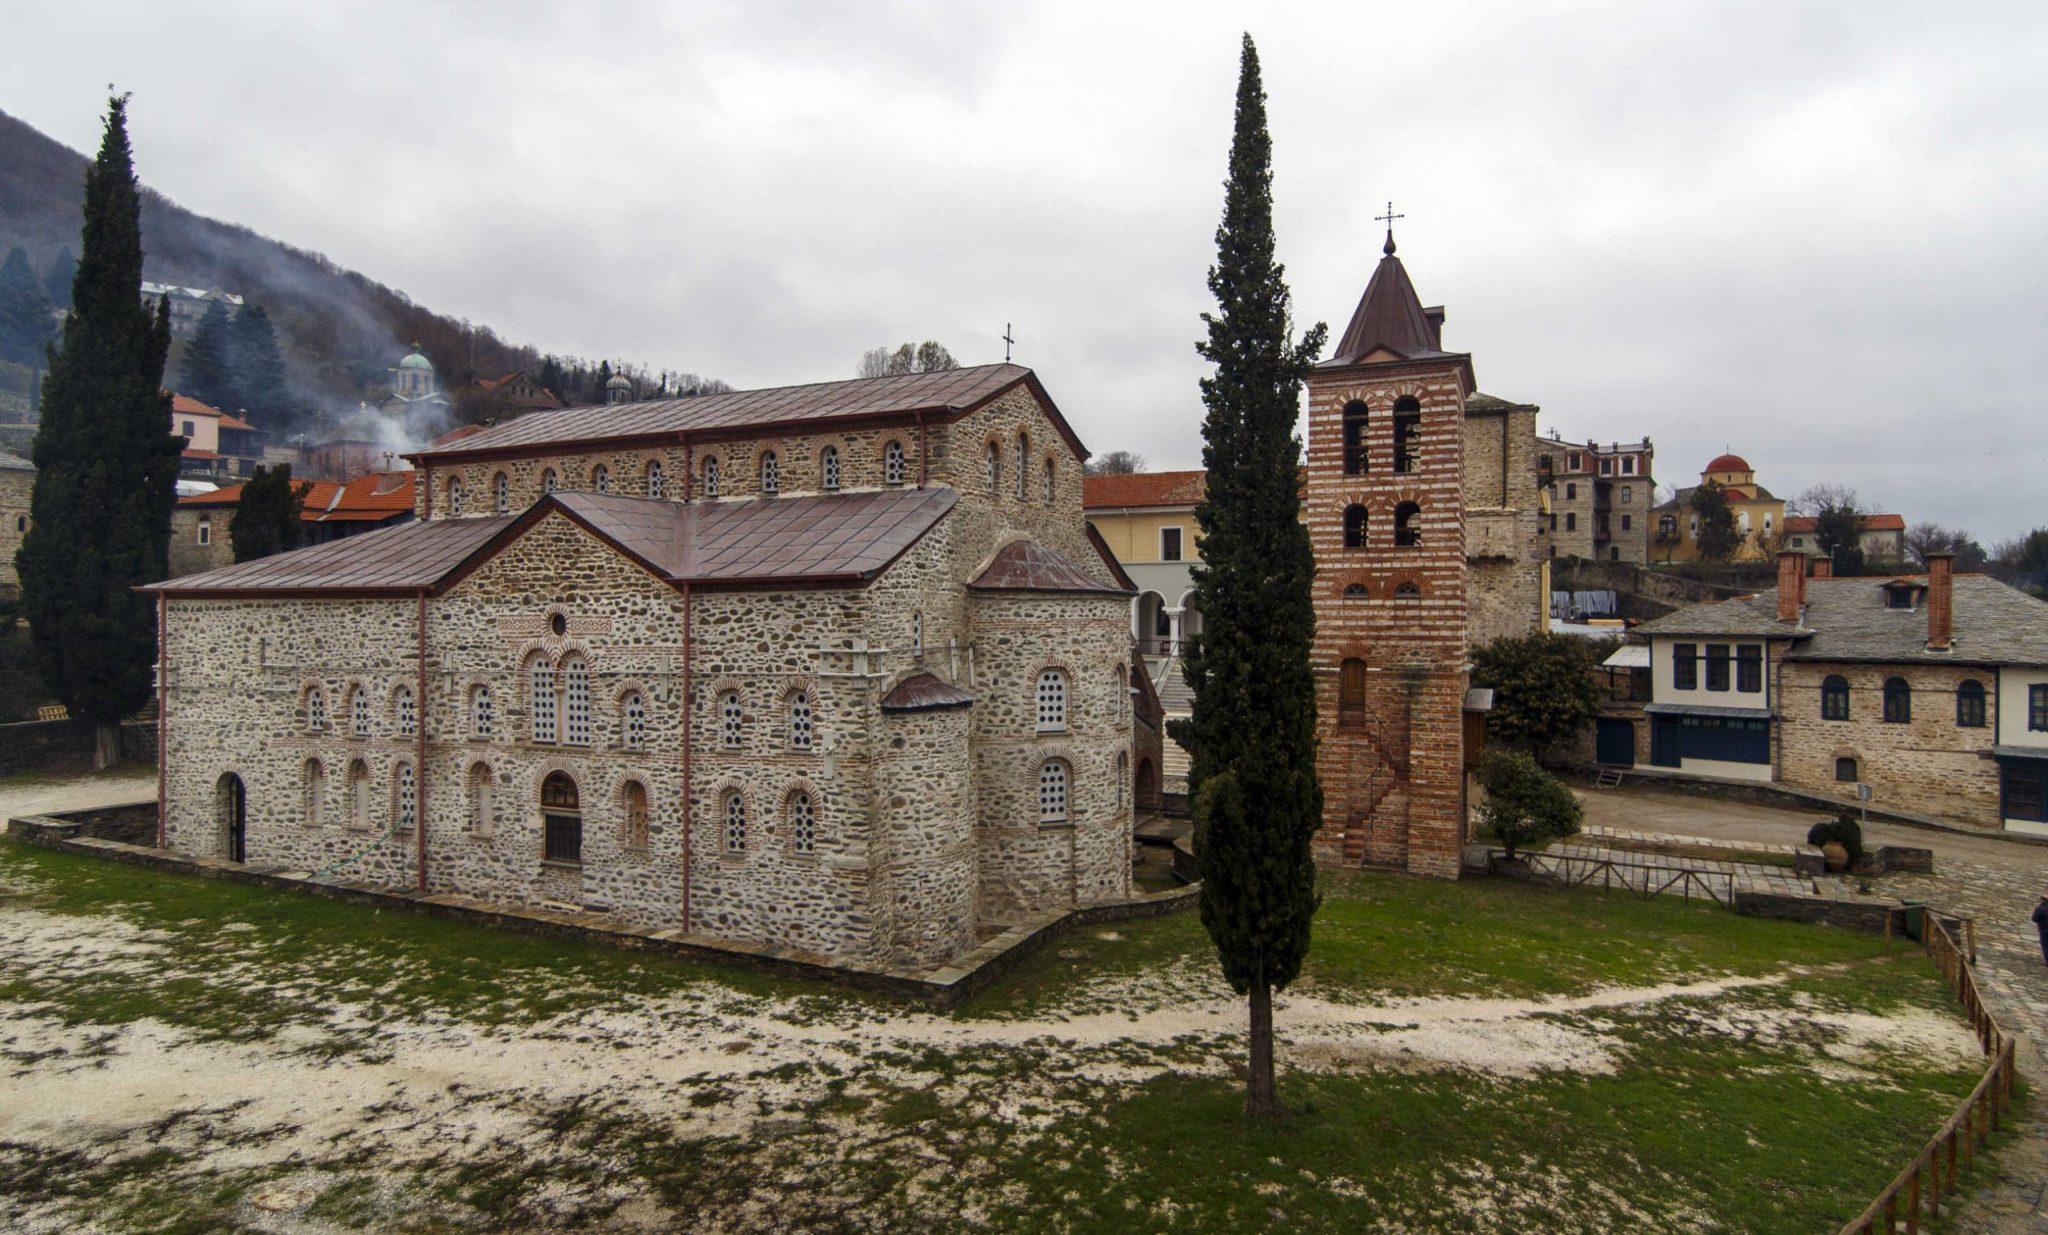 Προσκύνημα στο Άγιο Όρος στις 24-25-26 Ιανουαρίου. | Athos Tours